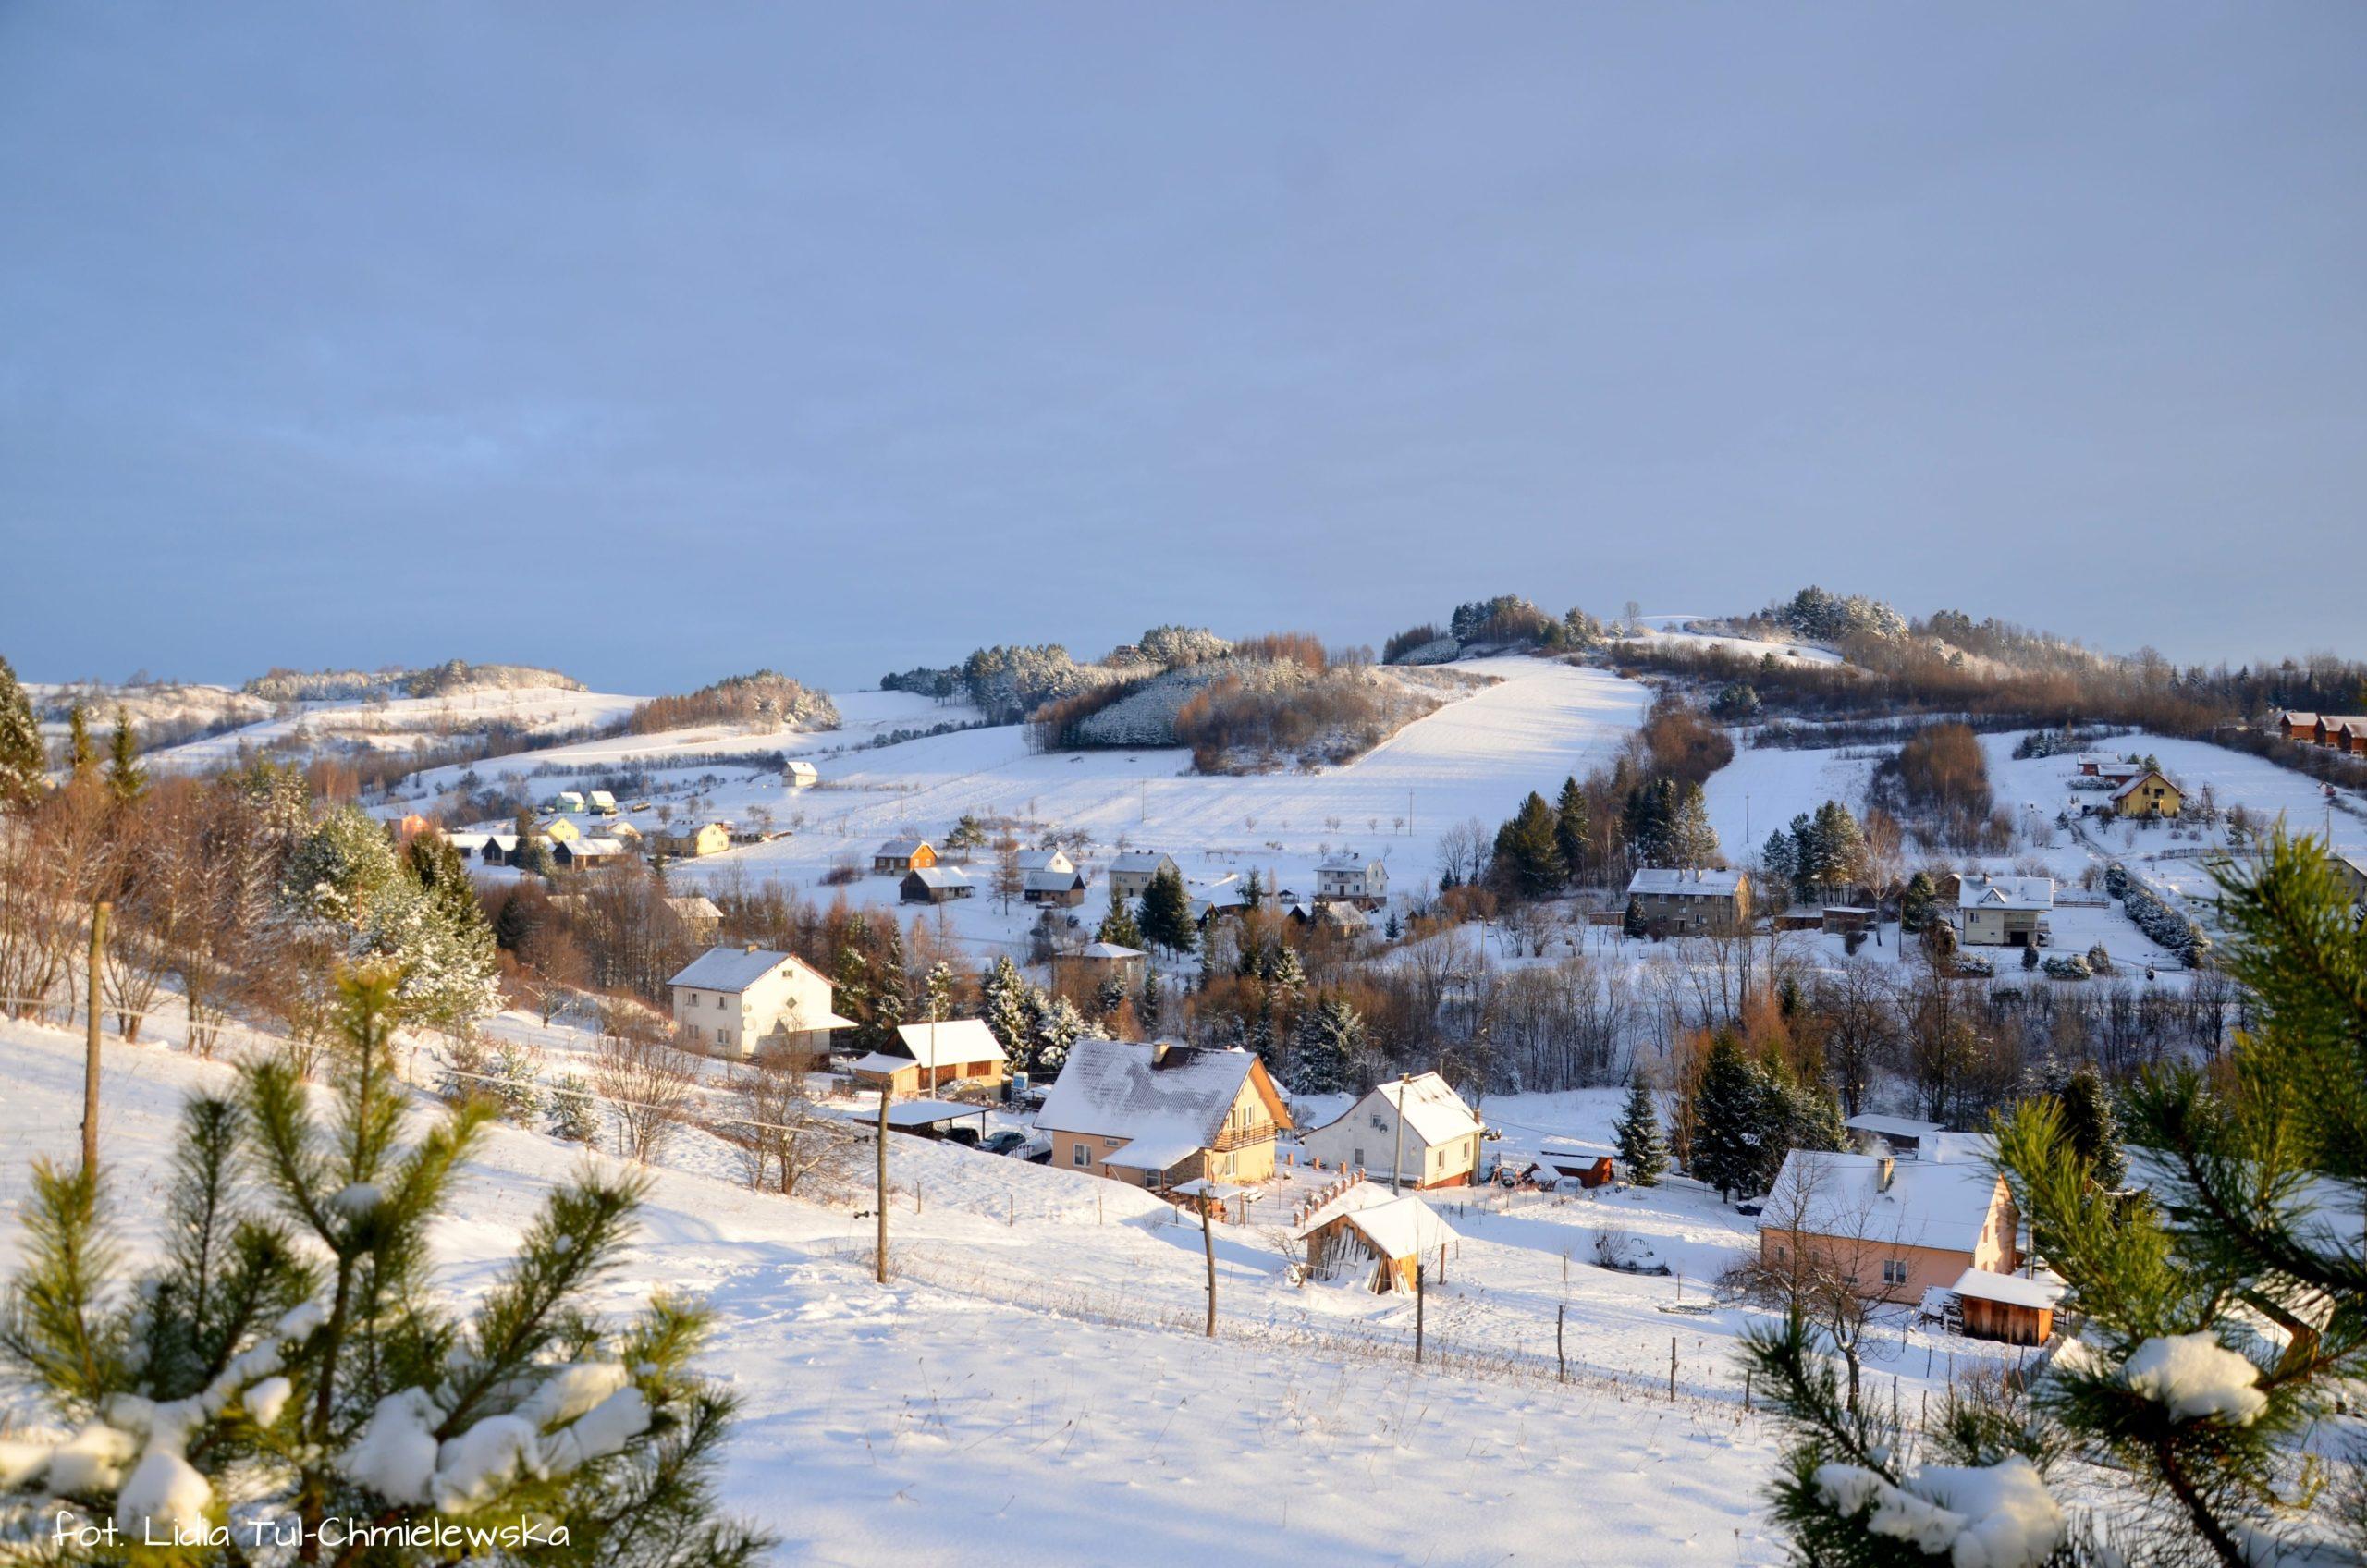 Uroki zimy w Bieszczadach fot. Lidia Tul-Chmielewska